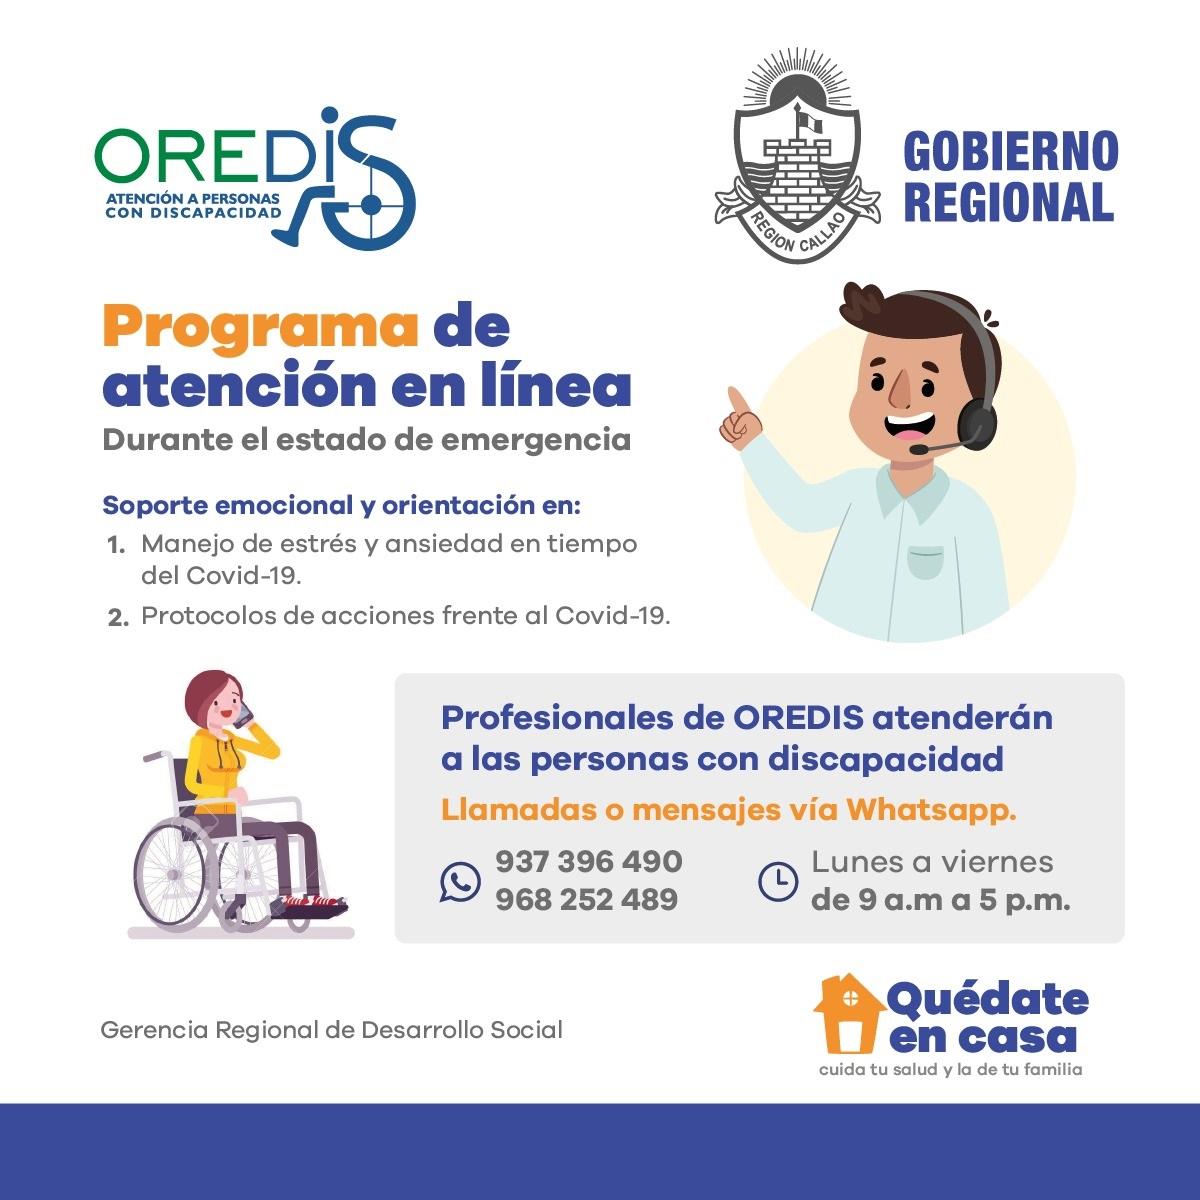 Programa de atención en línea para personas con discapacidad